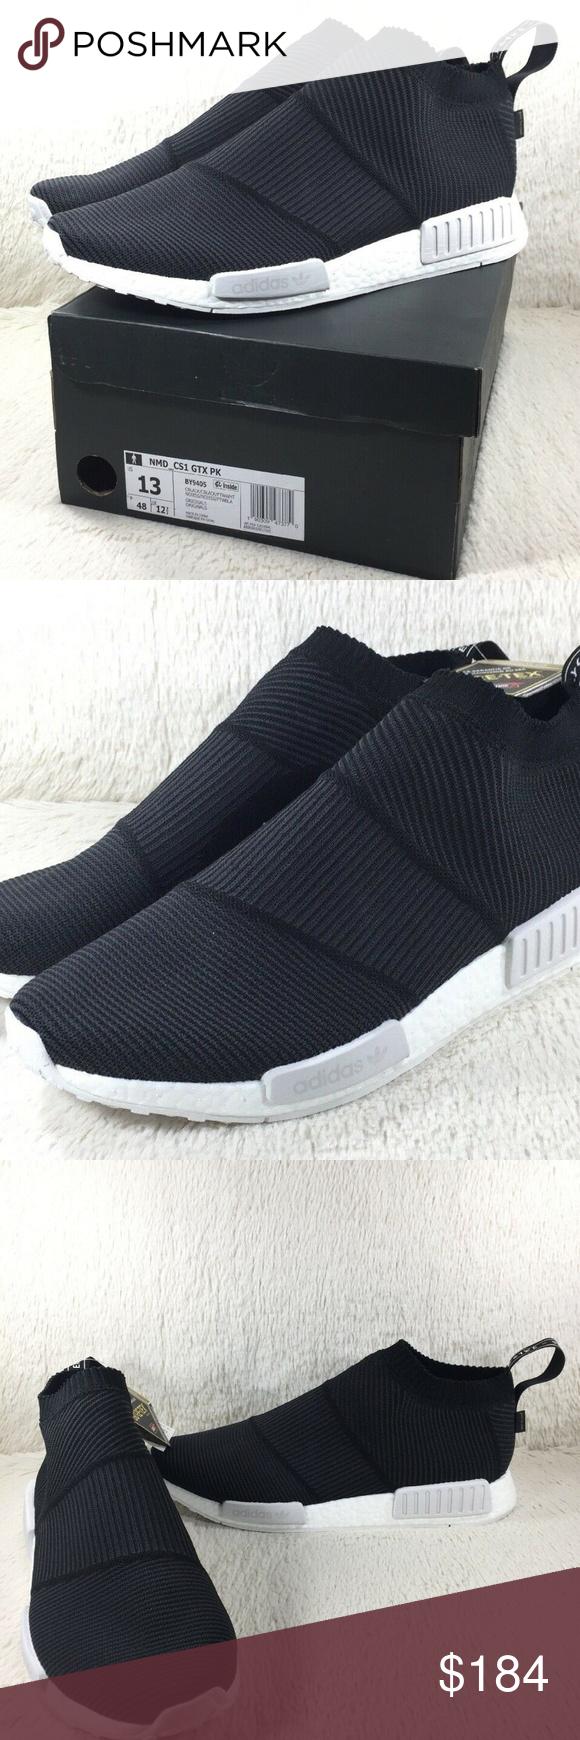 NIB Adidas NMD CS1 GTX Shoes Mens Black Size 13 NIB Adidas